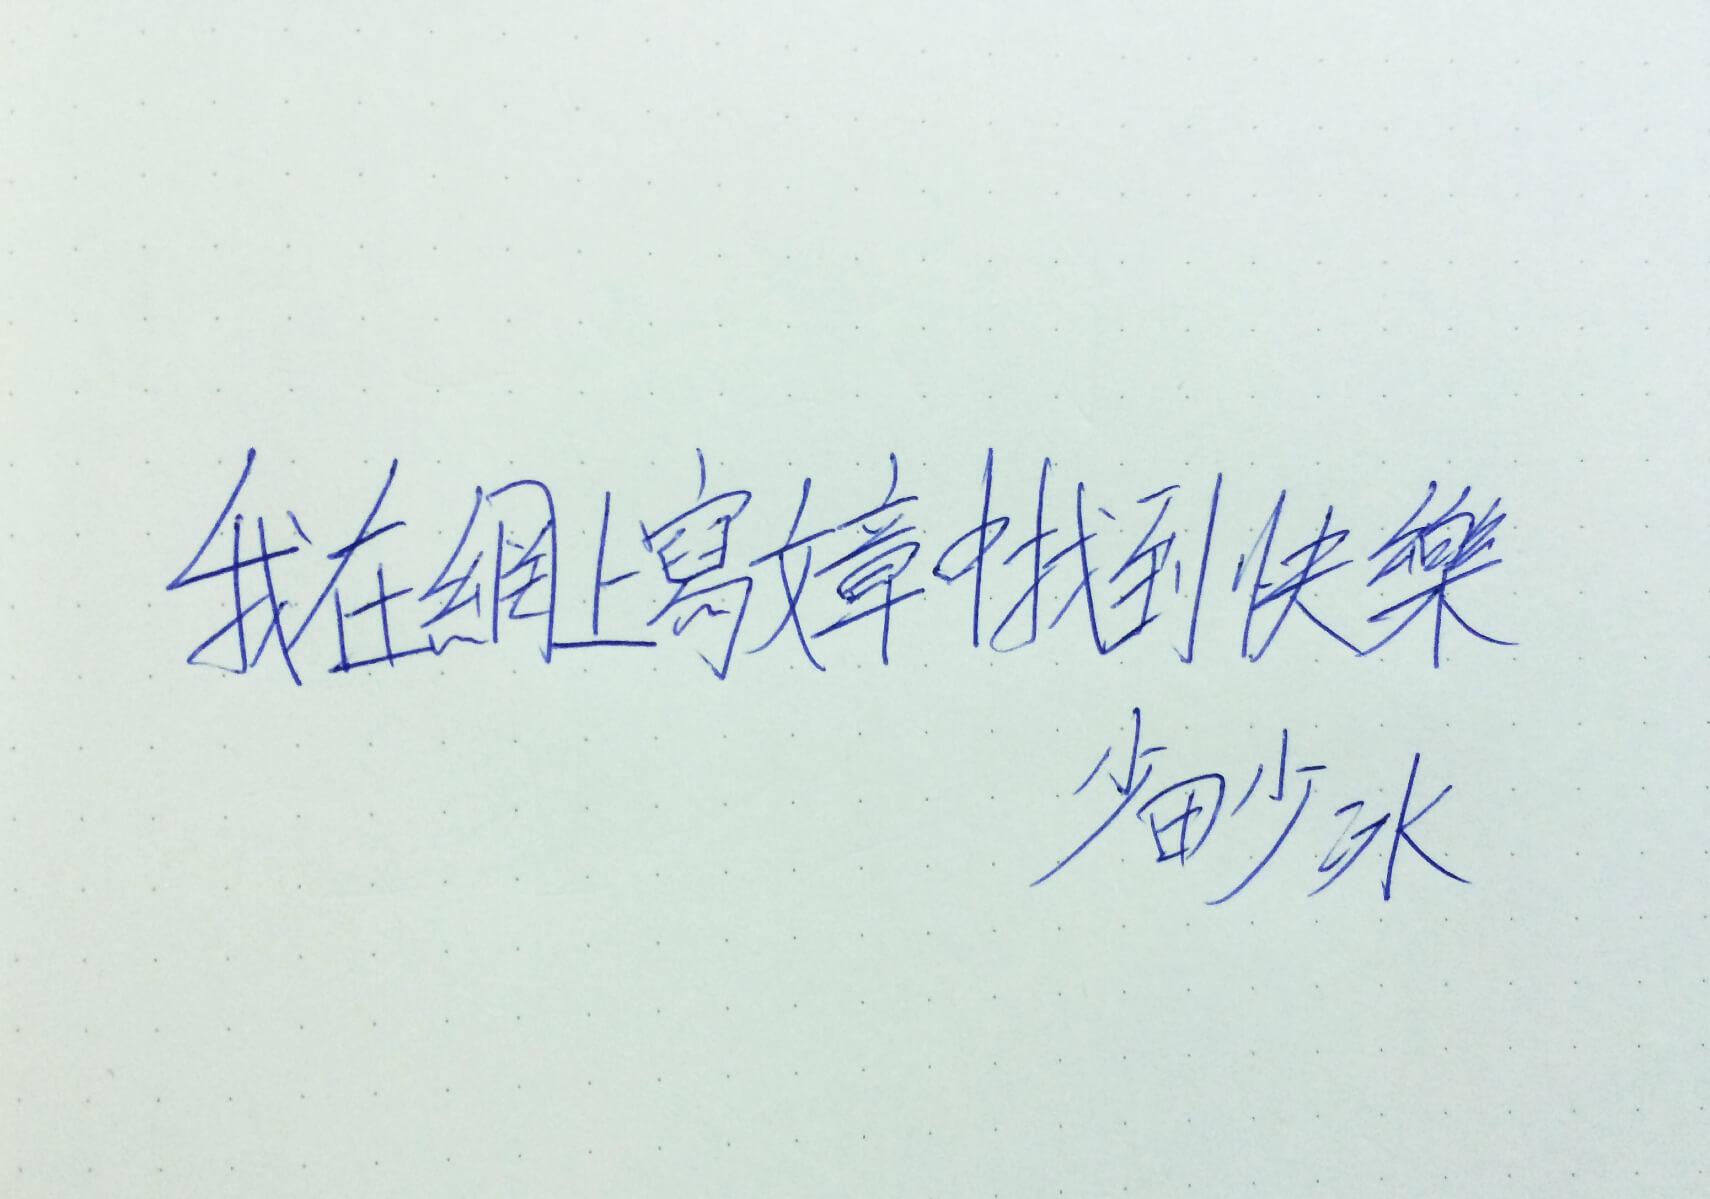 《我在網上寫文章中找到快樂》- 少田少冰 | 紙言短篇